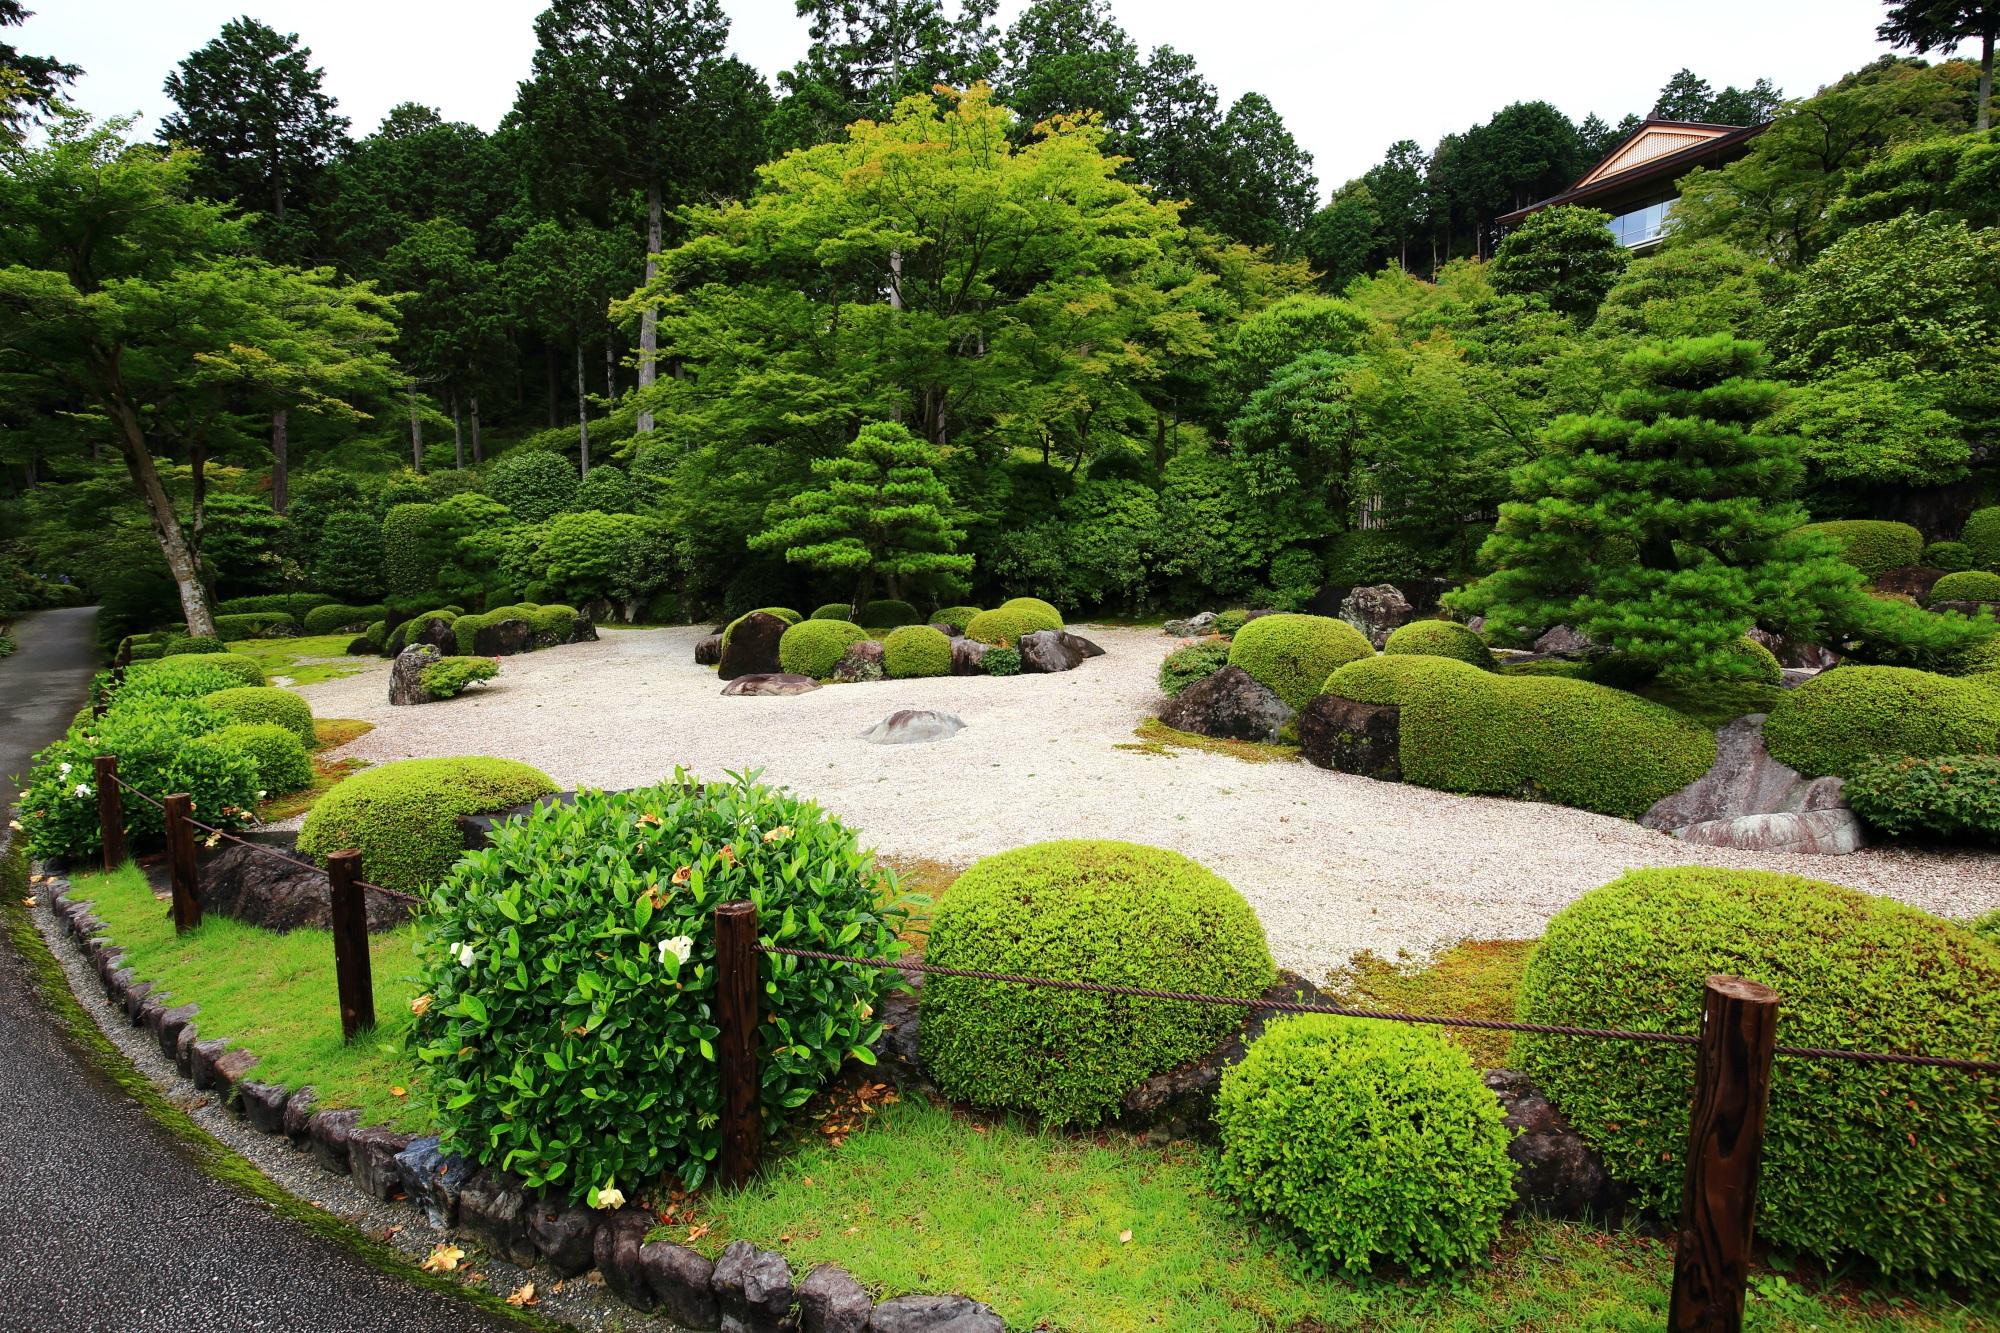 三室戸寺の深い緑が美しい枯山水庭園